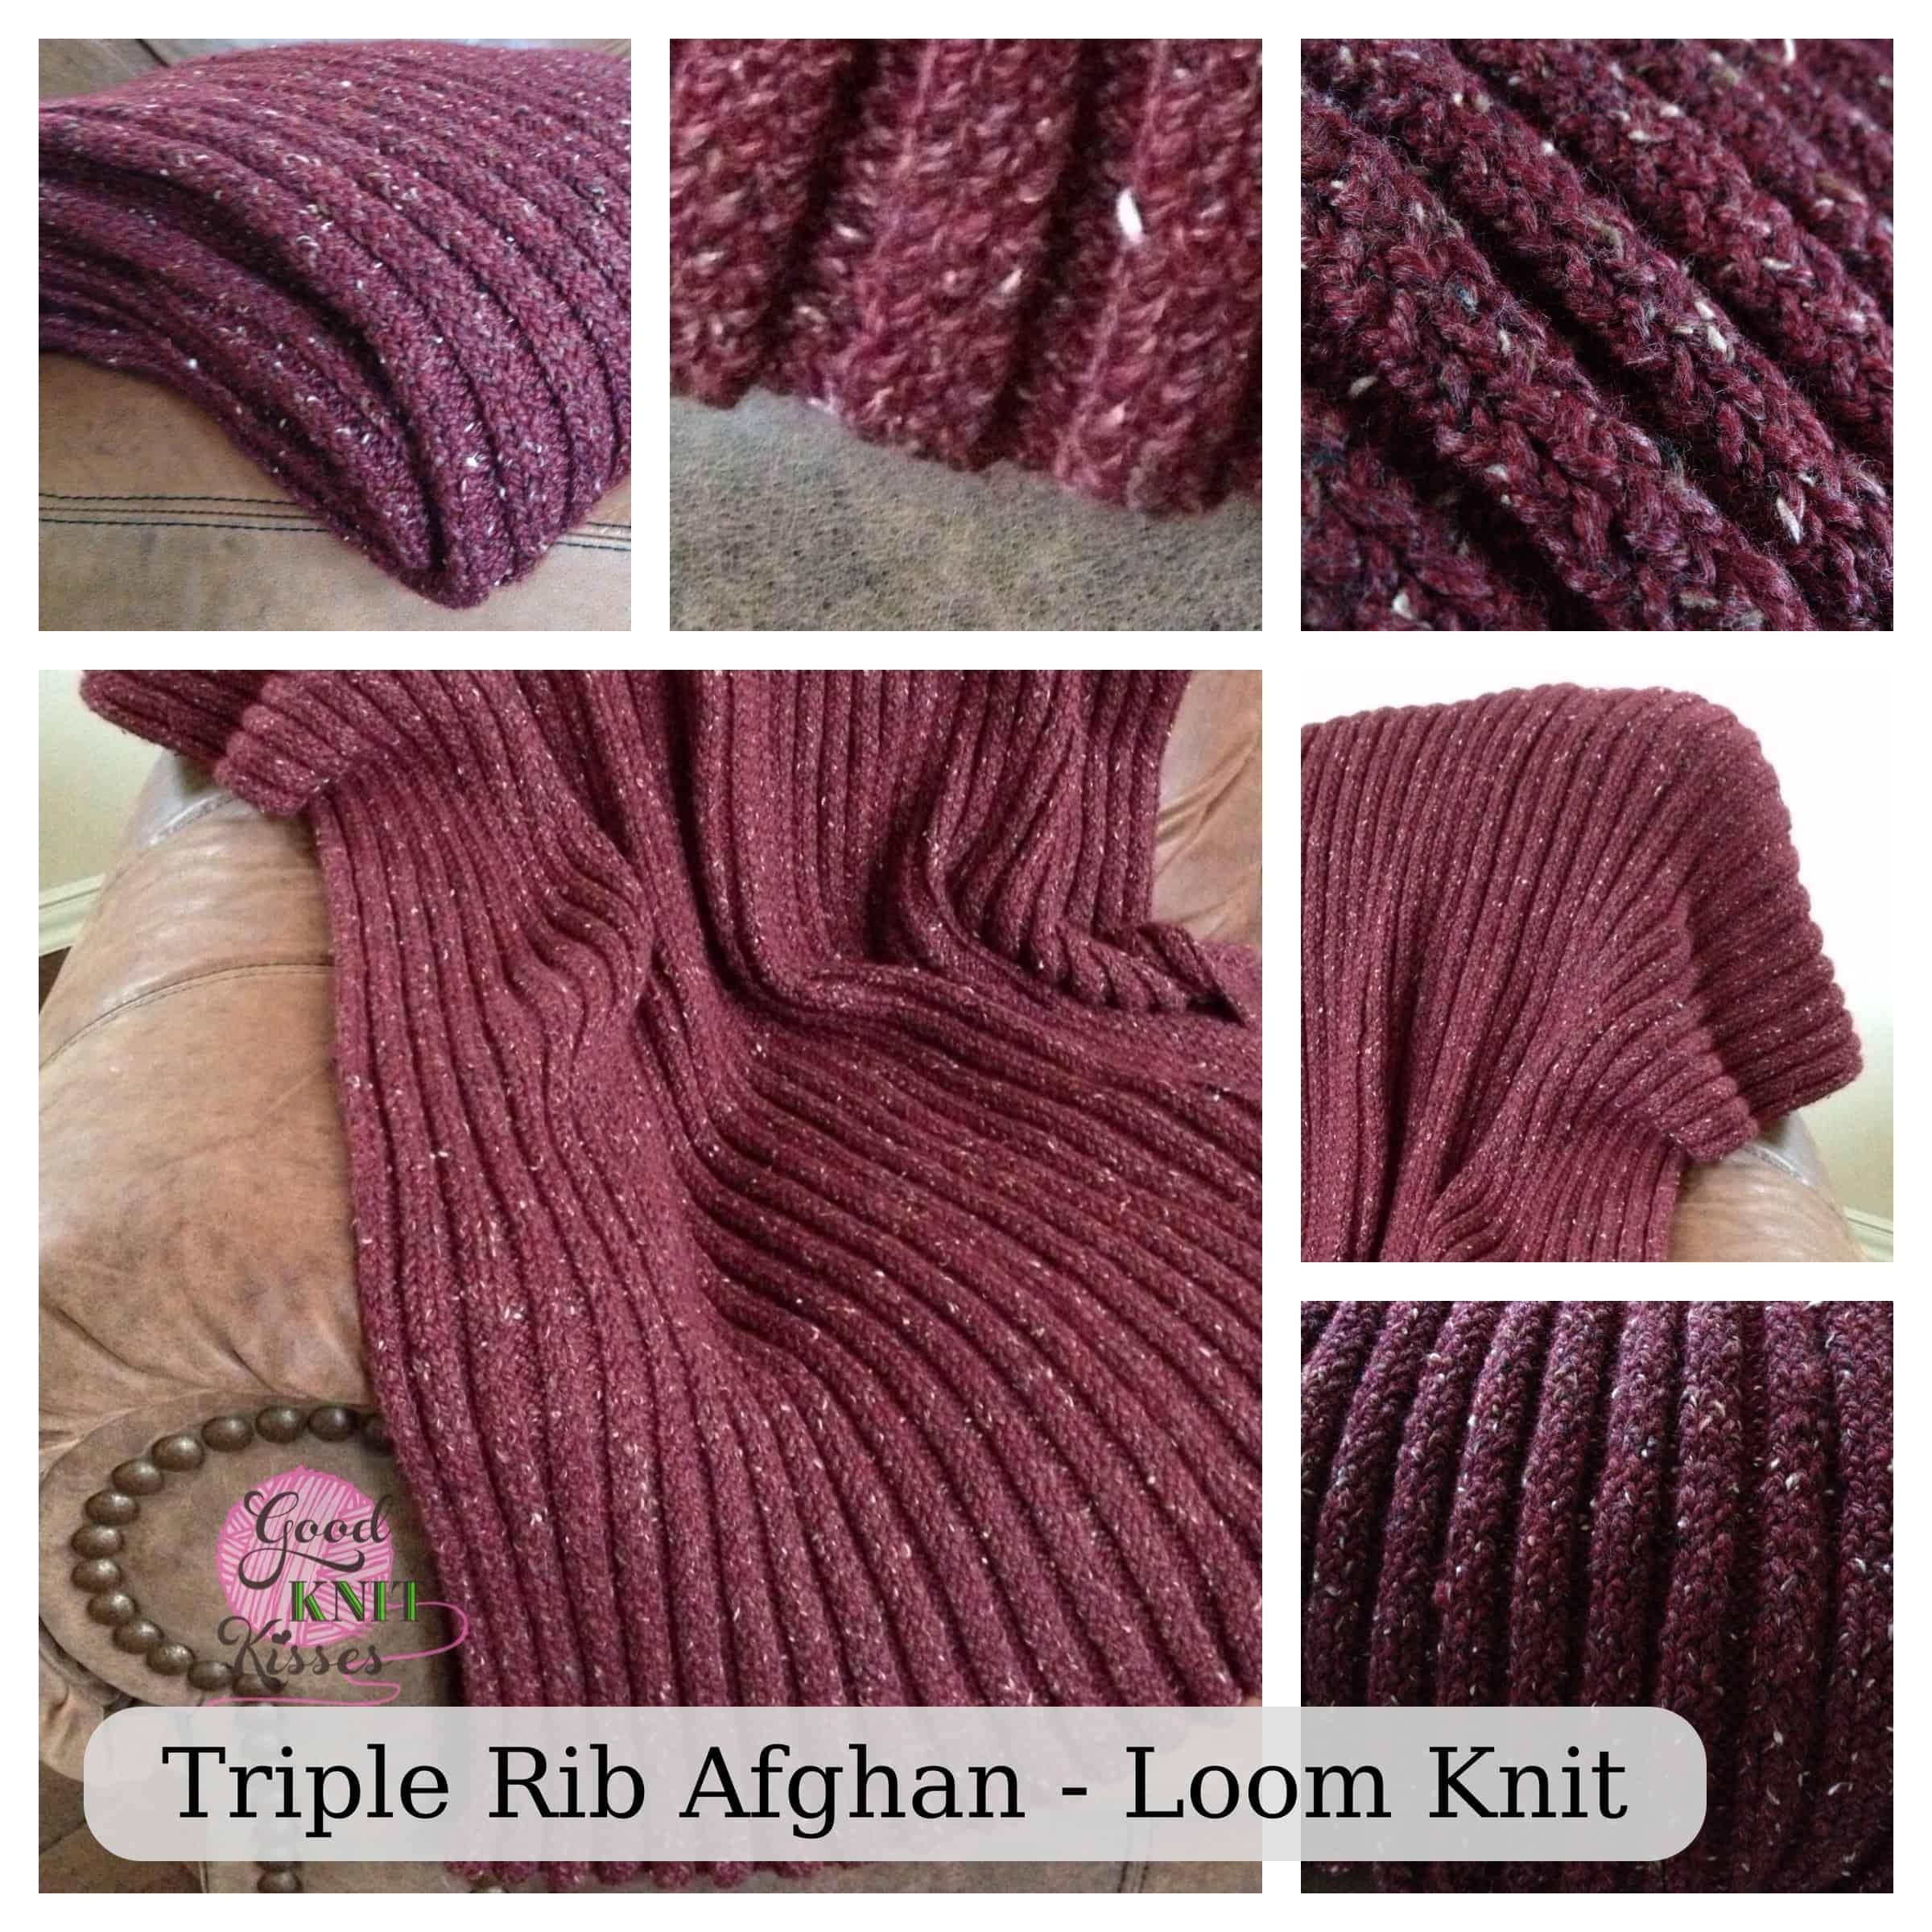 Loom Knit Triple Rib Stitch Goodknit Kisses